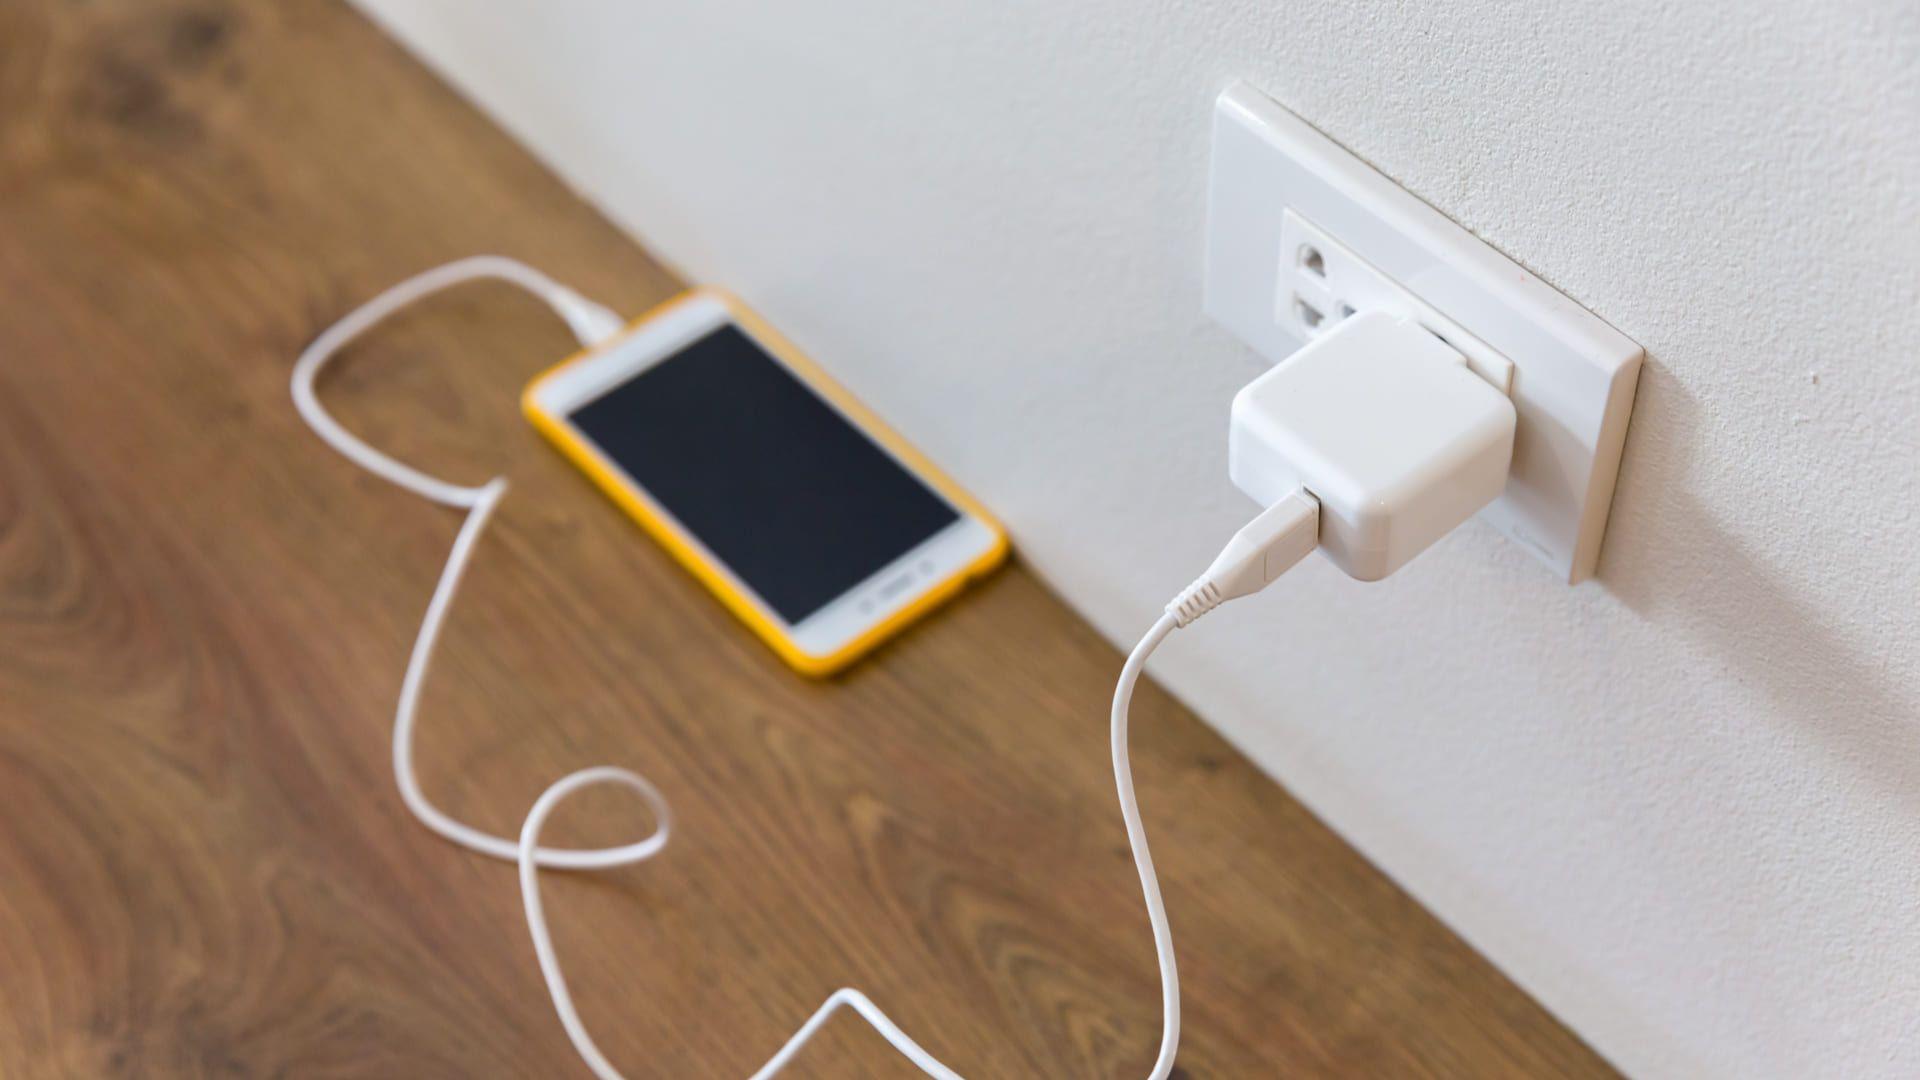 Retire os eletrônicos da tomada para economizar energia (Imagem: Reprodução/Shutterstock)